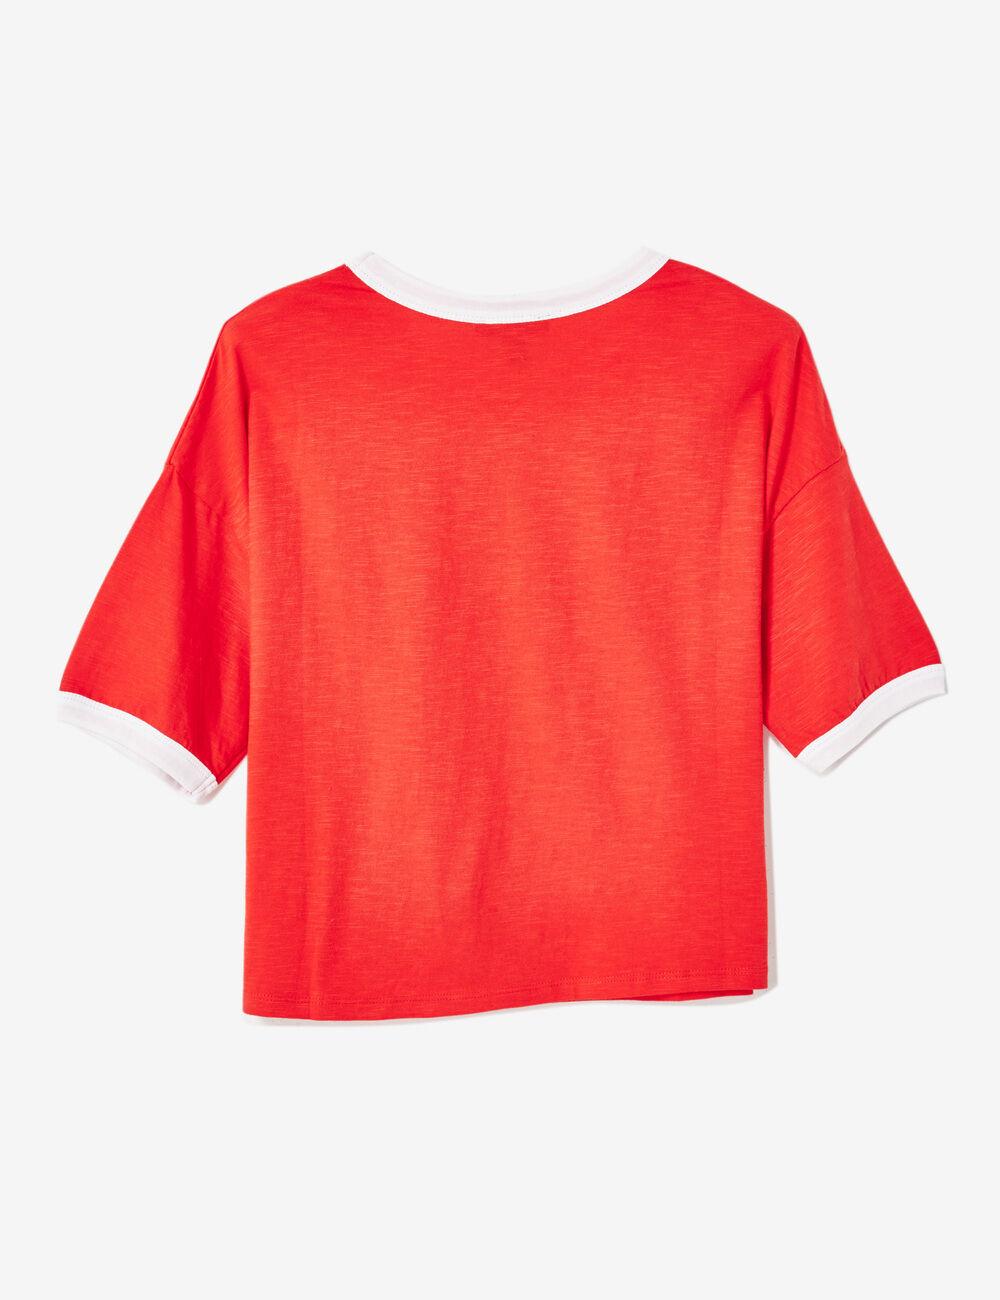 tee shirt ladies rouge femme jennyfer. Black Bedroom Furniture Sets. Home Design Ideas